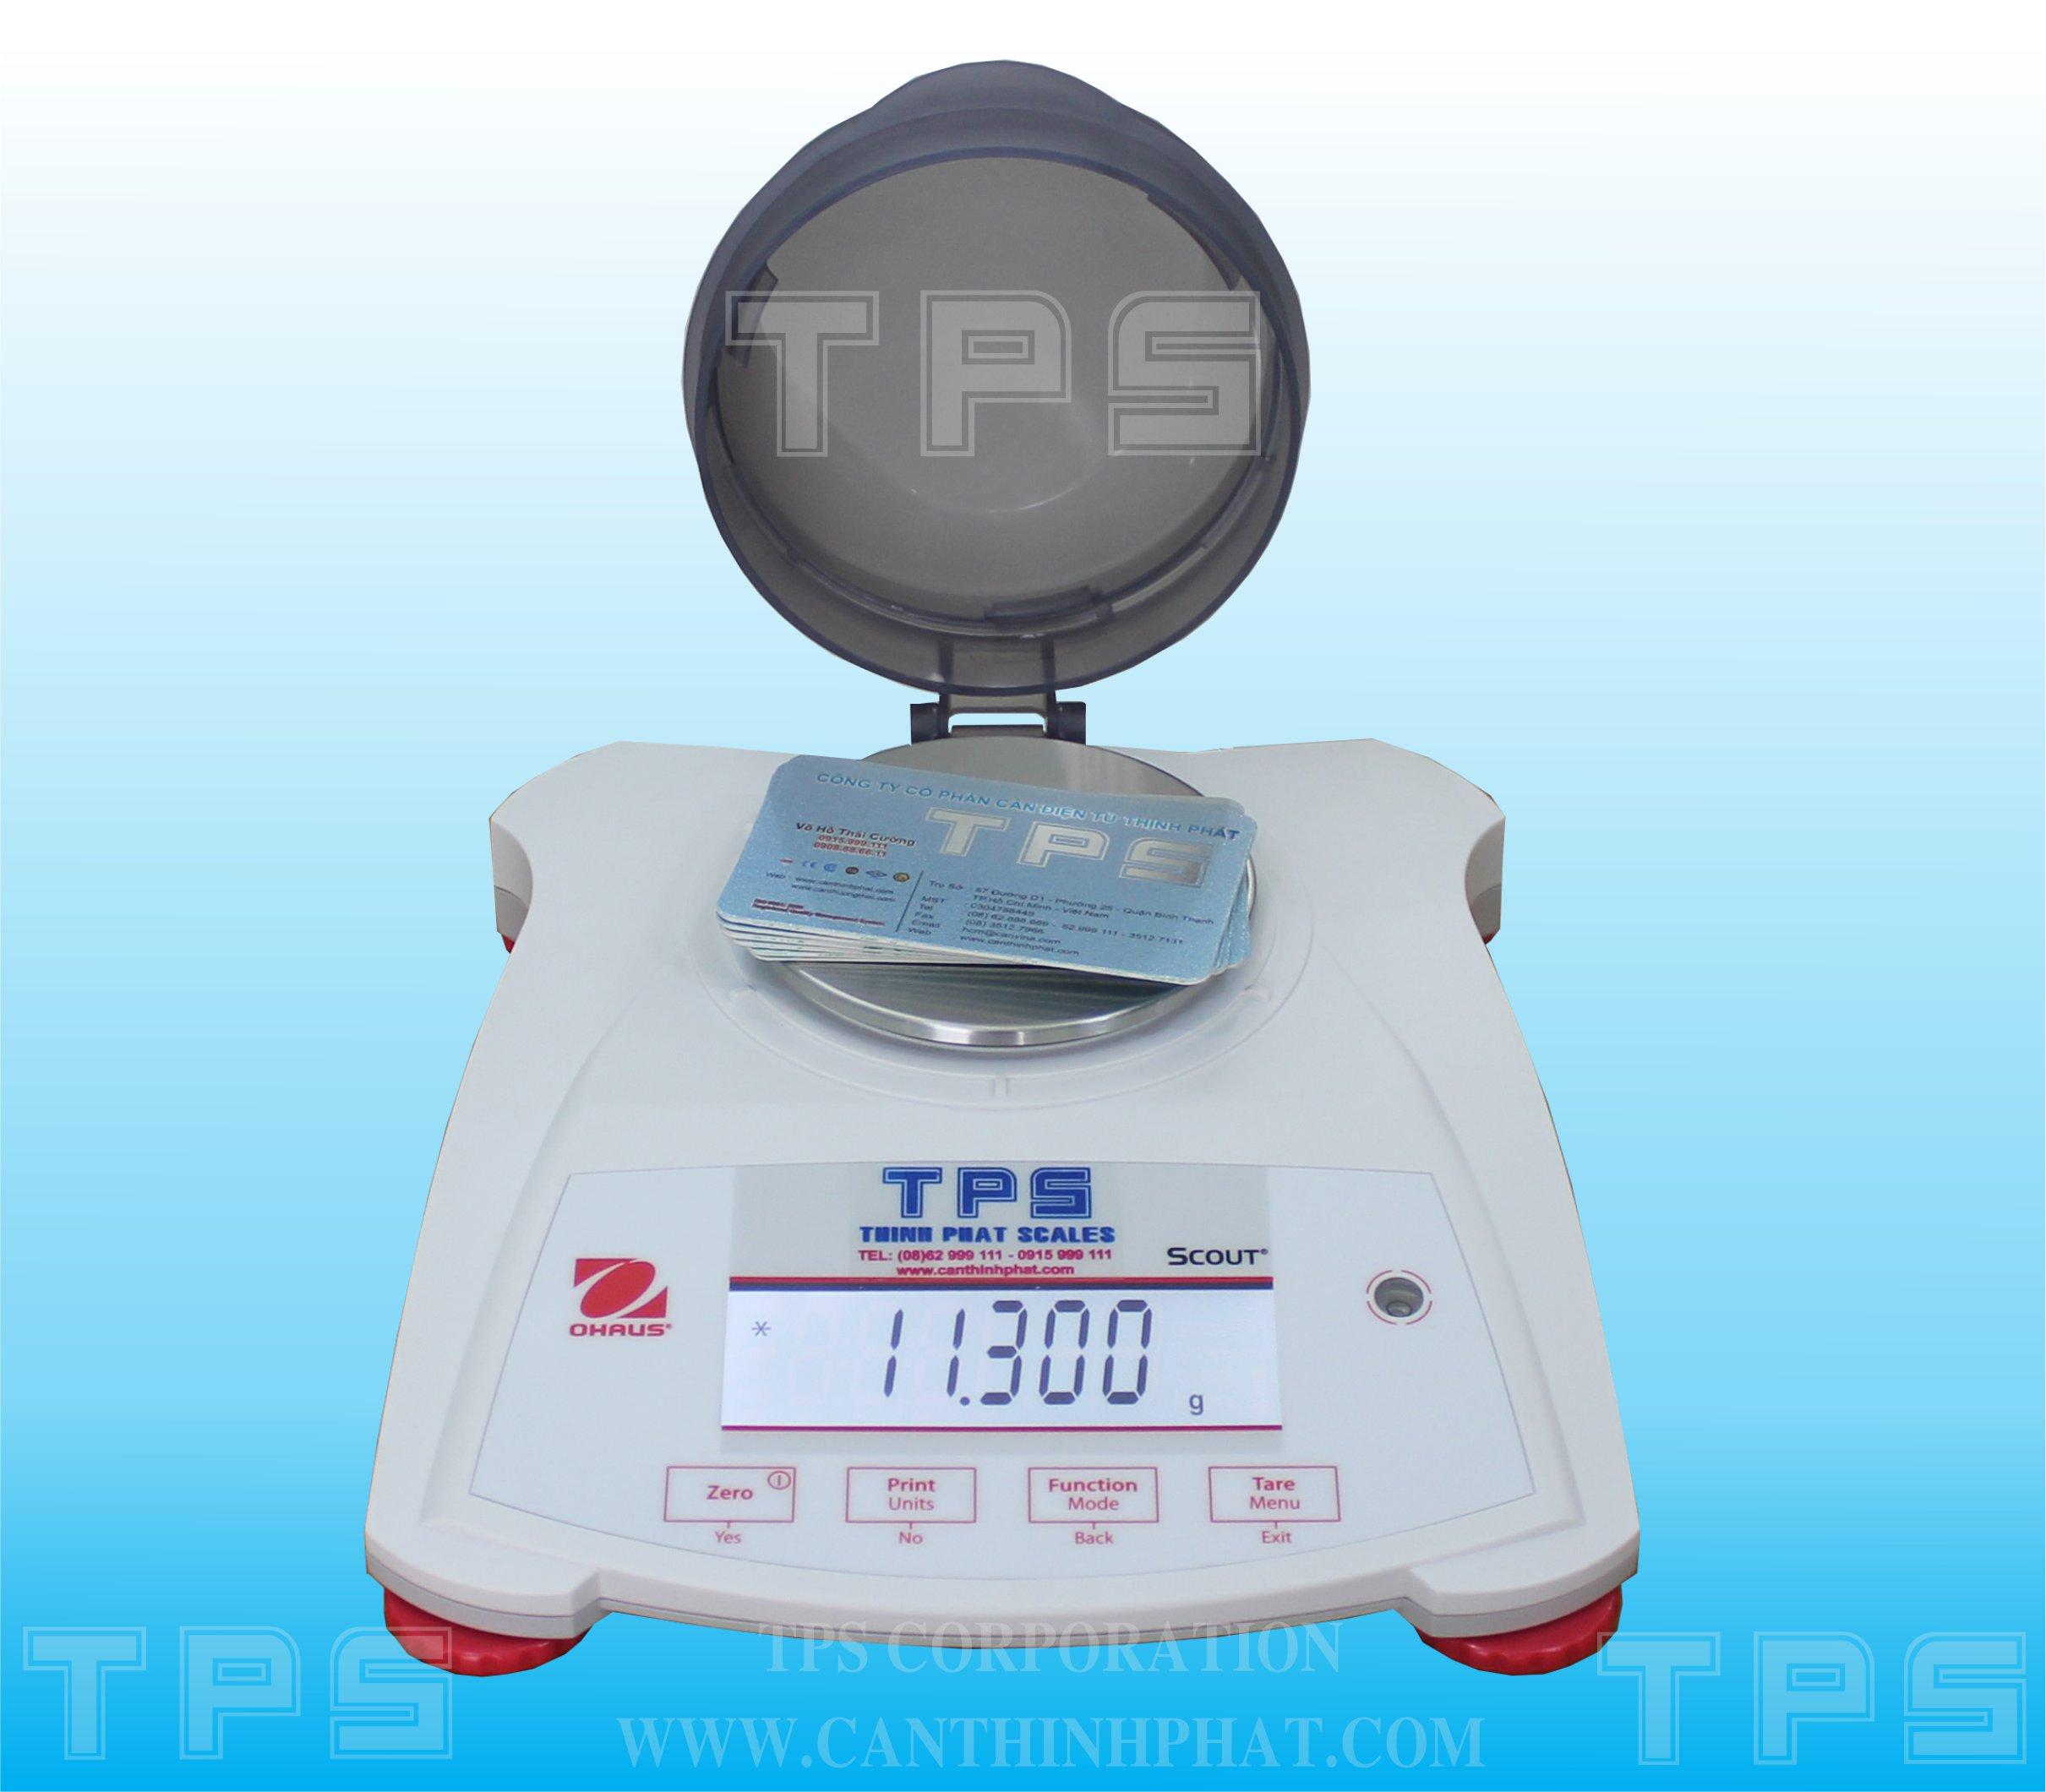 SPX223-220G/0.001G - 768